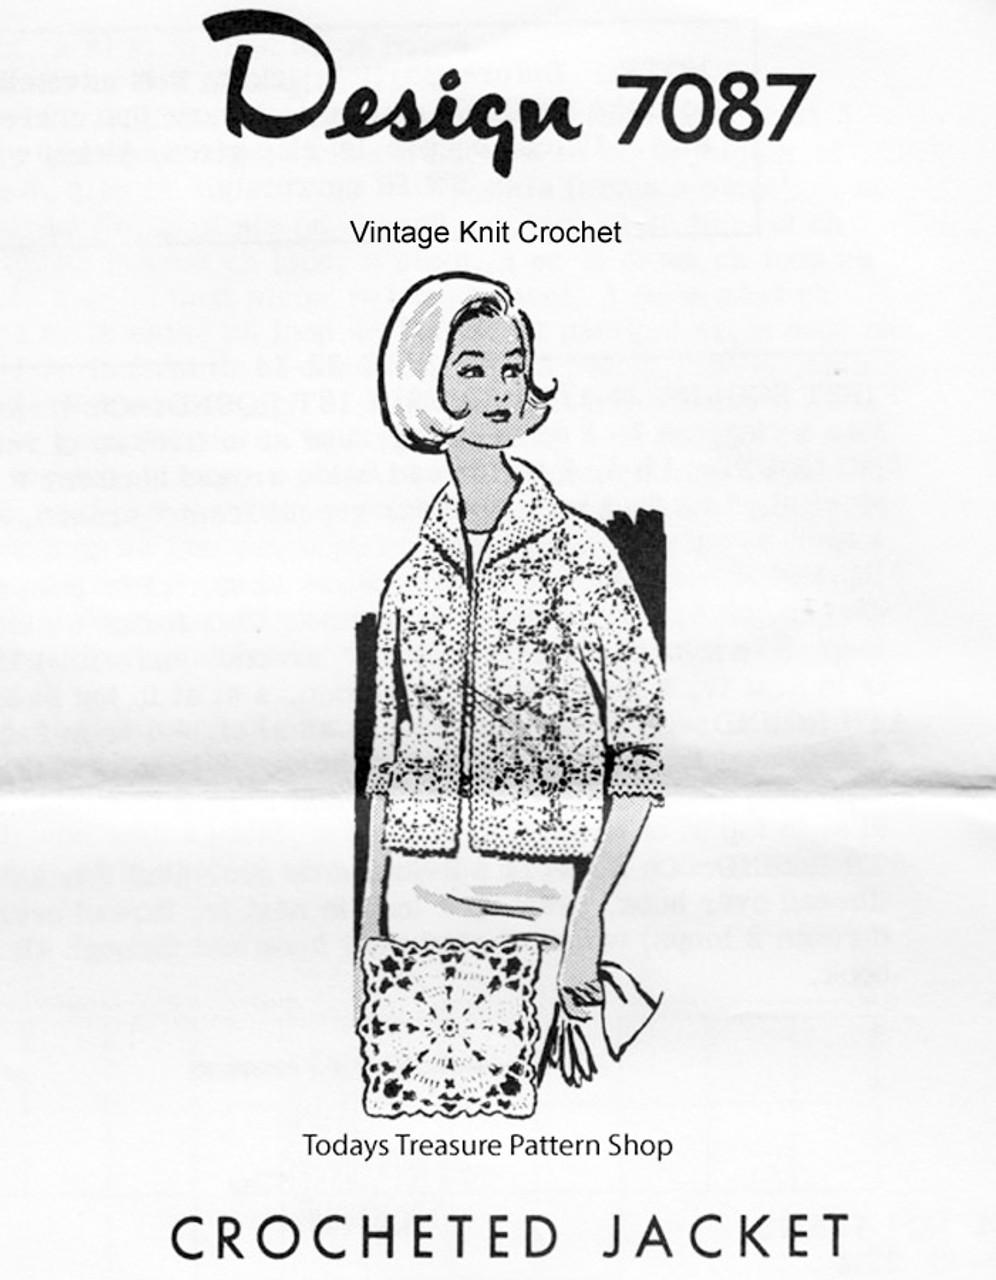 Crochet Jacket Pattern, Flower Squares, Mail Order Design 7087